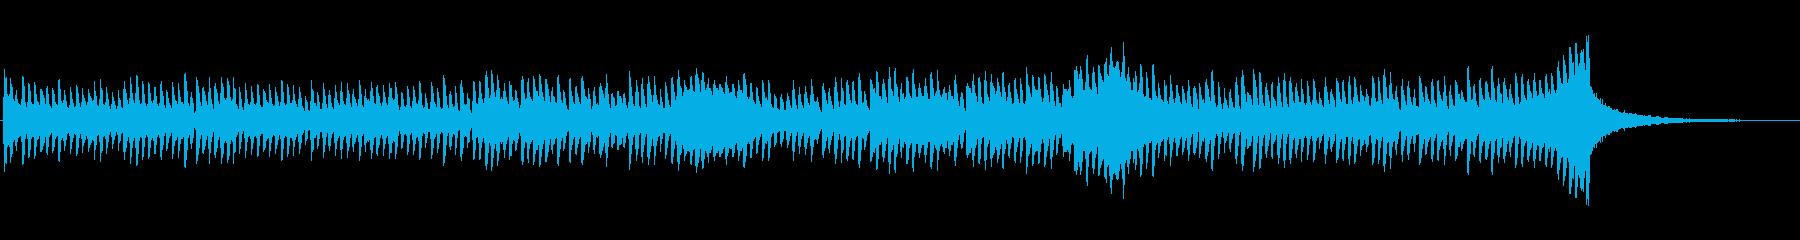 シーケンス 撥ベース01の再生済みの波形